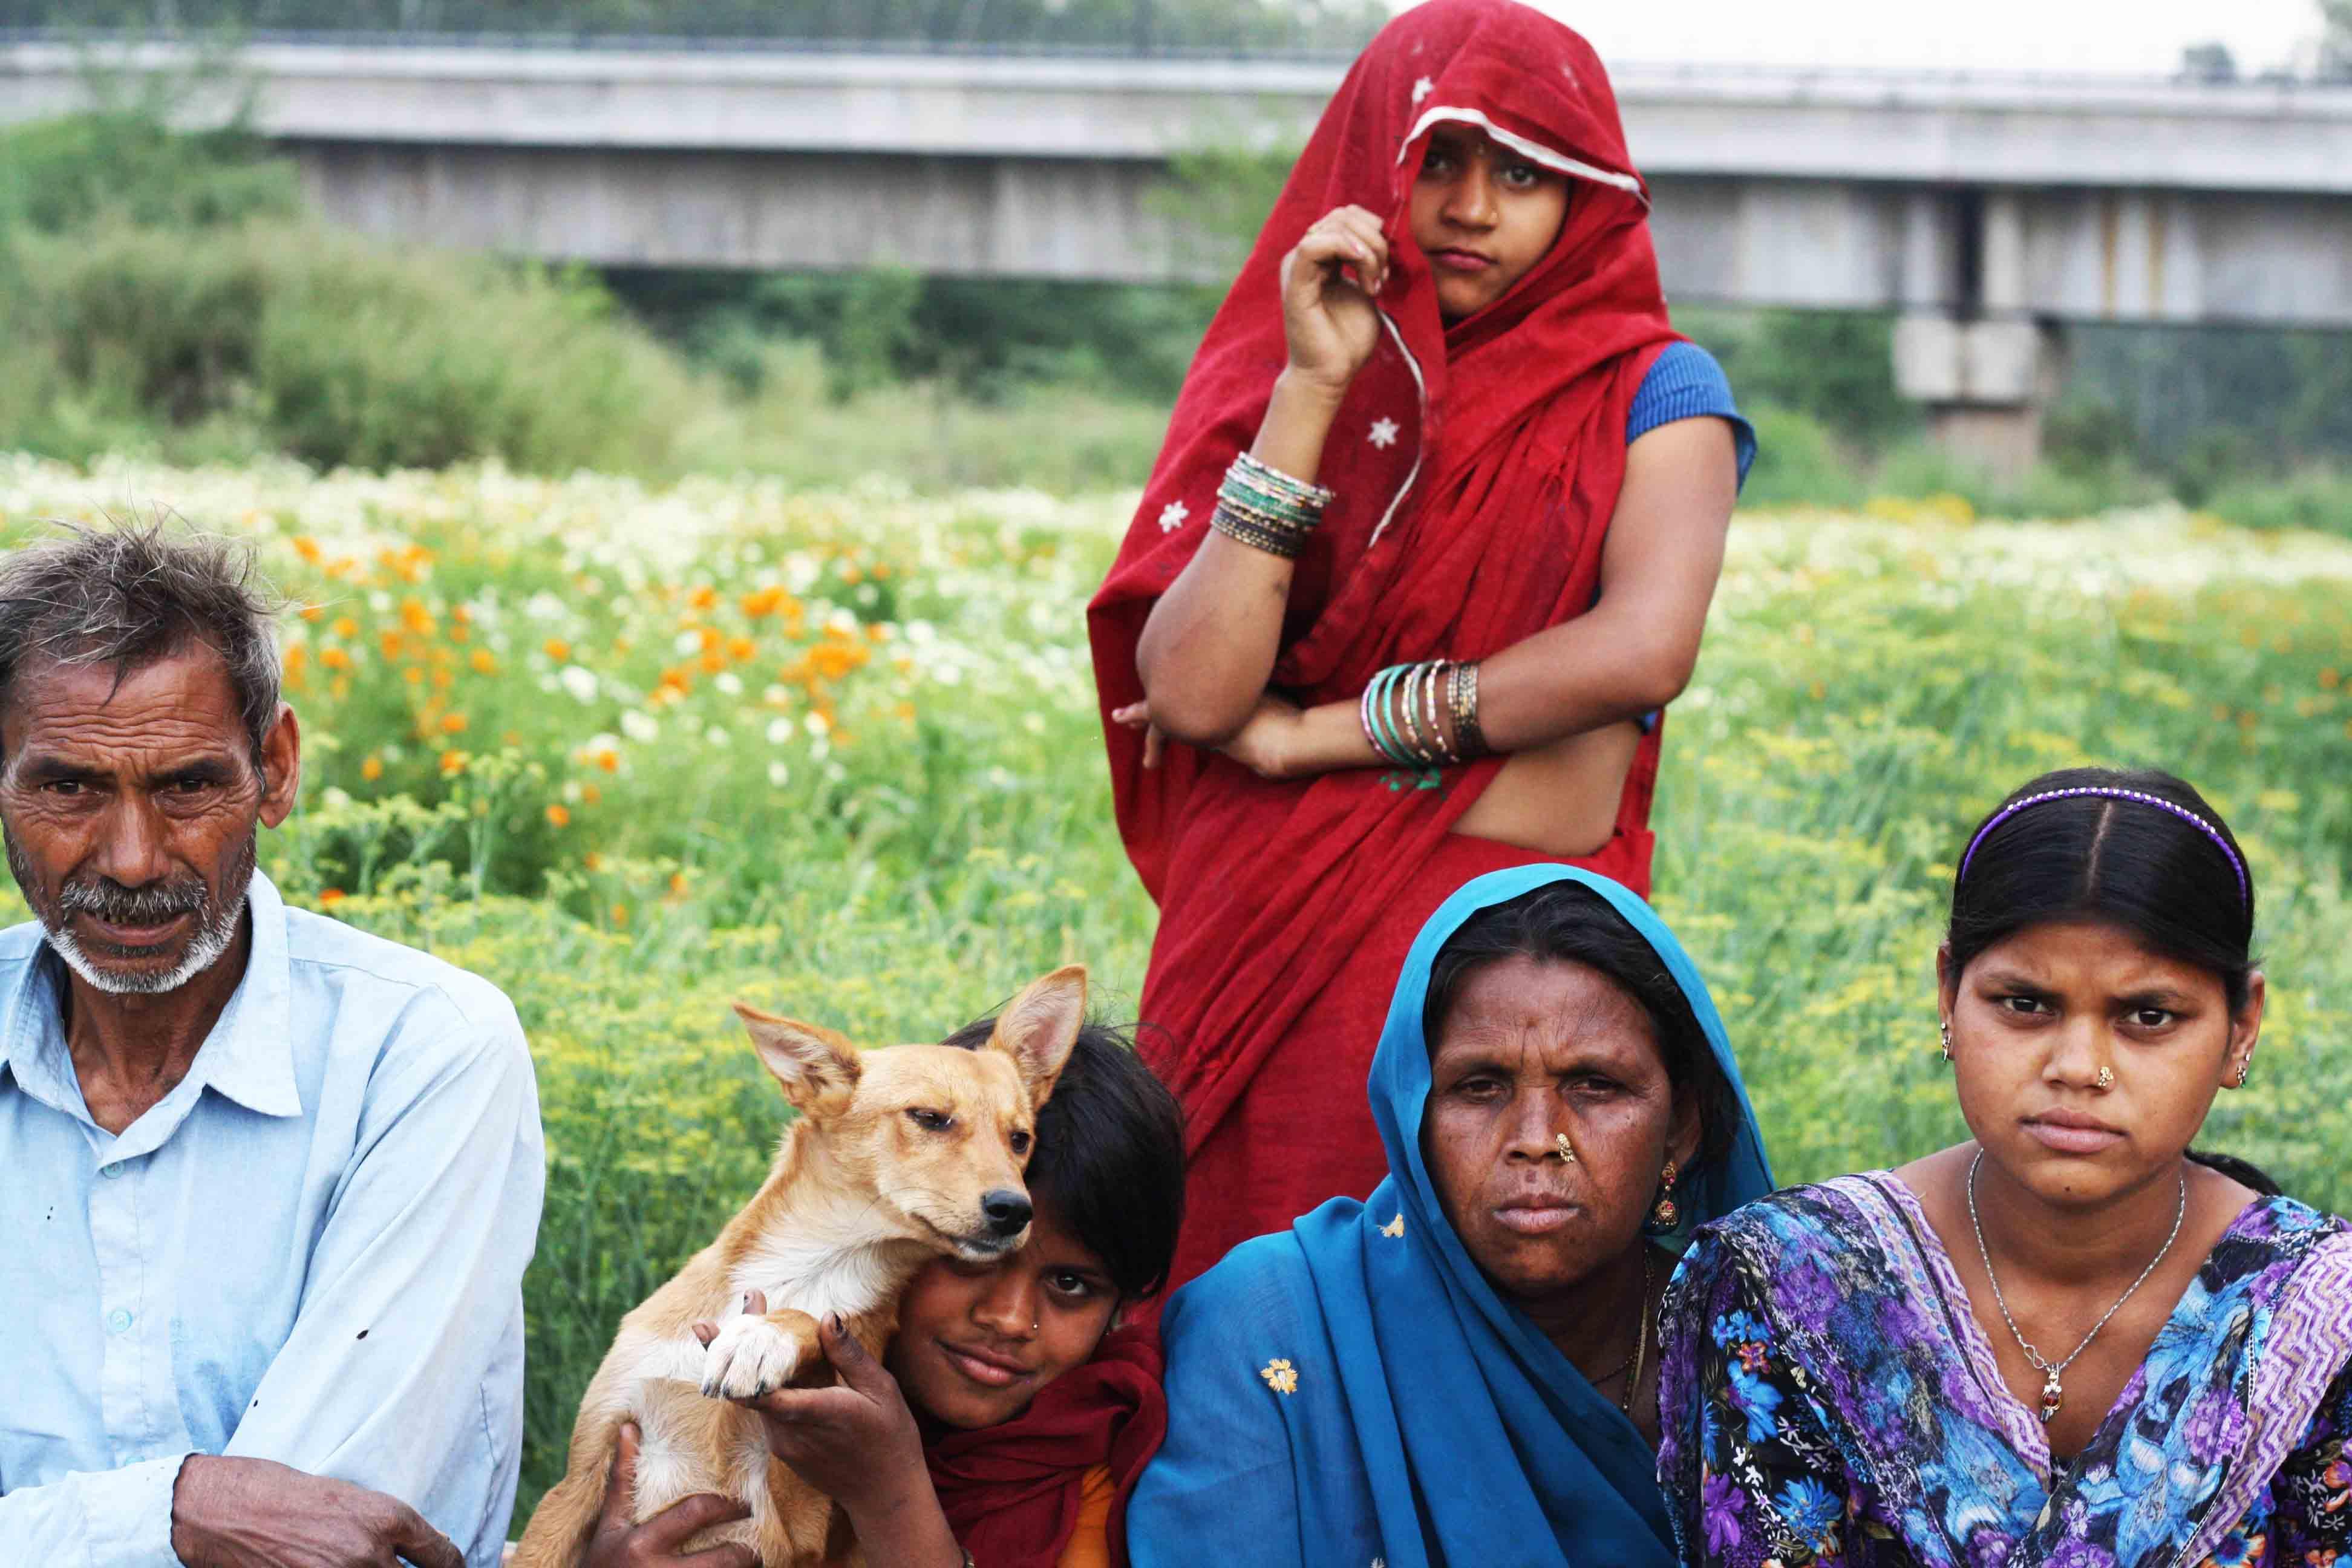 City Life - Farmer's World, Yamuna Bank